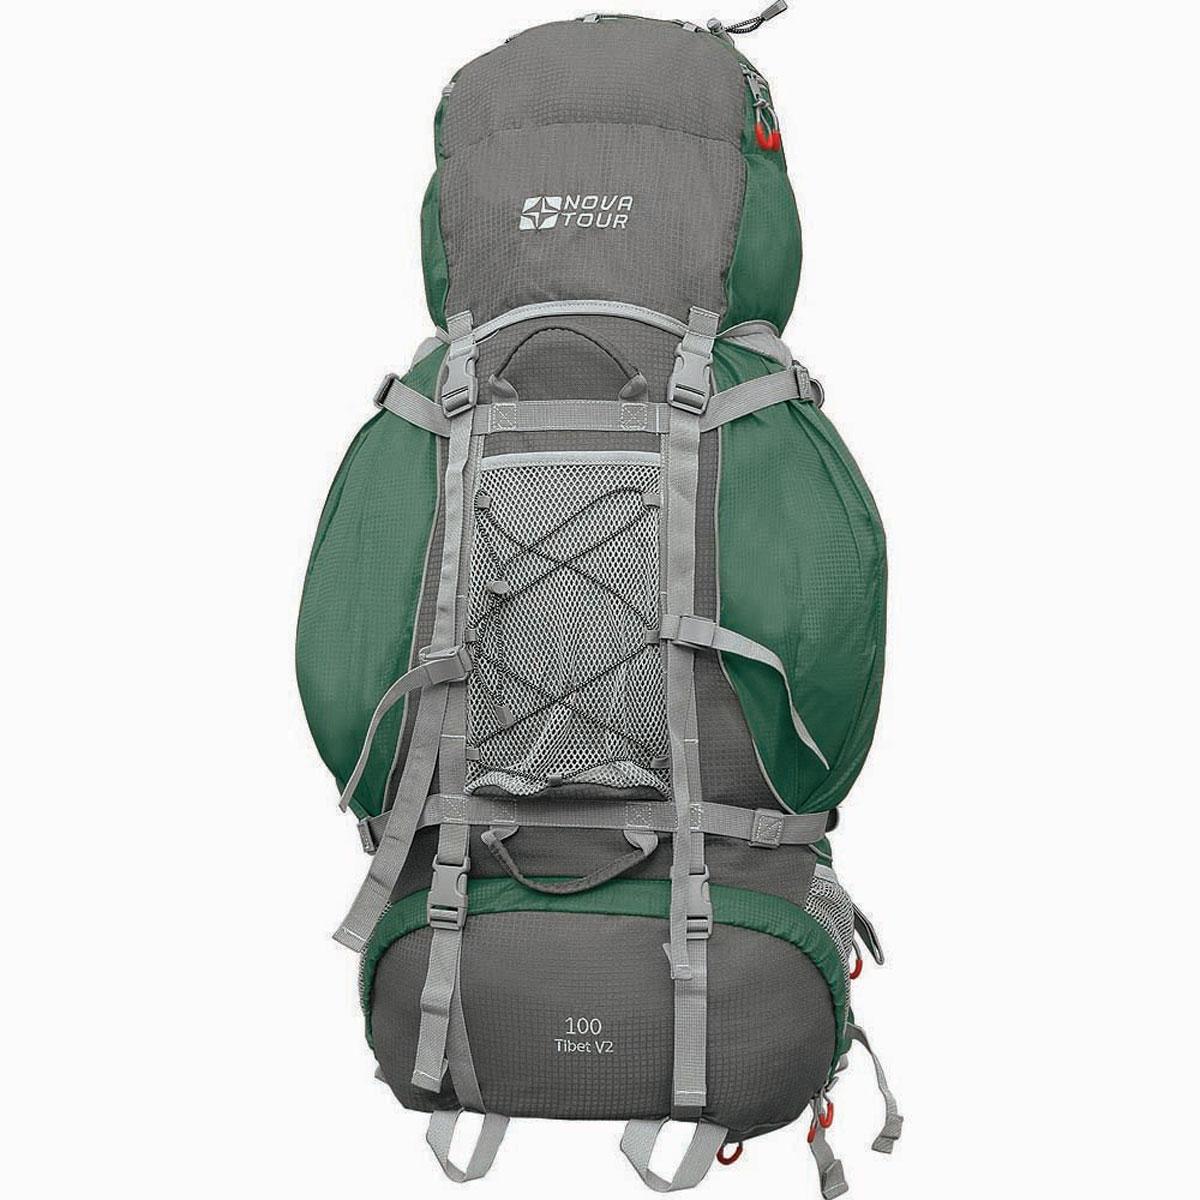 Рюкзак туристический Nova Tour Тибет 100 V2, цвет: серый, зеленый. 11193-350-0011193-350-00Прочный рюкзак большого объема для классического туризма. Вы можете не ограничивать себя в количестве вещей, ведь этот рюкзак с двумя вместительными карманами на молнии, сетчатыми карманами для фляги и мелочей по обеим бокам рюкзака, а также объемным клапаном. Ваша спина не устанет во время длительных переходов с удобной подвесной системой, разработанной специально для переноски тяжелых грузов. Удобство при погрузке рюкзака в транспорт обеспечивают три усиленных ручки. Если в пути застанет дождь или снег не беда! В специальном кармане на дне рюкзака упакован непромокаемый гермочехол. На концах боковых стяжек имеются липучки для закрепления излишков стропы.Особенности:Прочная ткань с непромокаемой пропиткой.Сетчатый материал, отводящий влагу от вашего тела. Применяется на лямках, спинках и поясе рюкзака.Светоотражающий кант - для обеспечения безопасности в темное время суток.Съемный чехол для защиты от влаги и грязи, размещенный в специальном кармане рюкзака.Грудная стяжка для правильной фиксации лямок рюкзака и предотвращения их соскальзывания.Молния специальной конструкции для защиты от попадания влаги.Надежная и удобная фиксация вашего снаряжения снаружи рюкзака.Подвеска: ABS 1.Ткань: Poly Oxford Ripstop.Объем: 100 л.